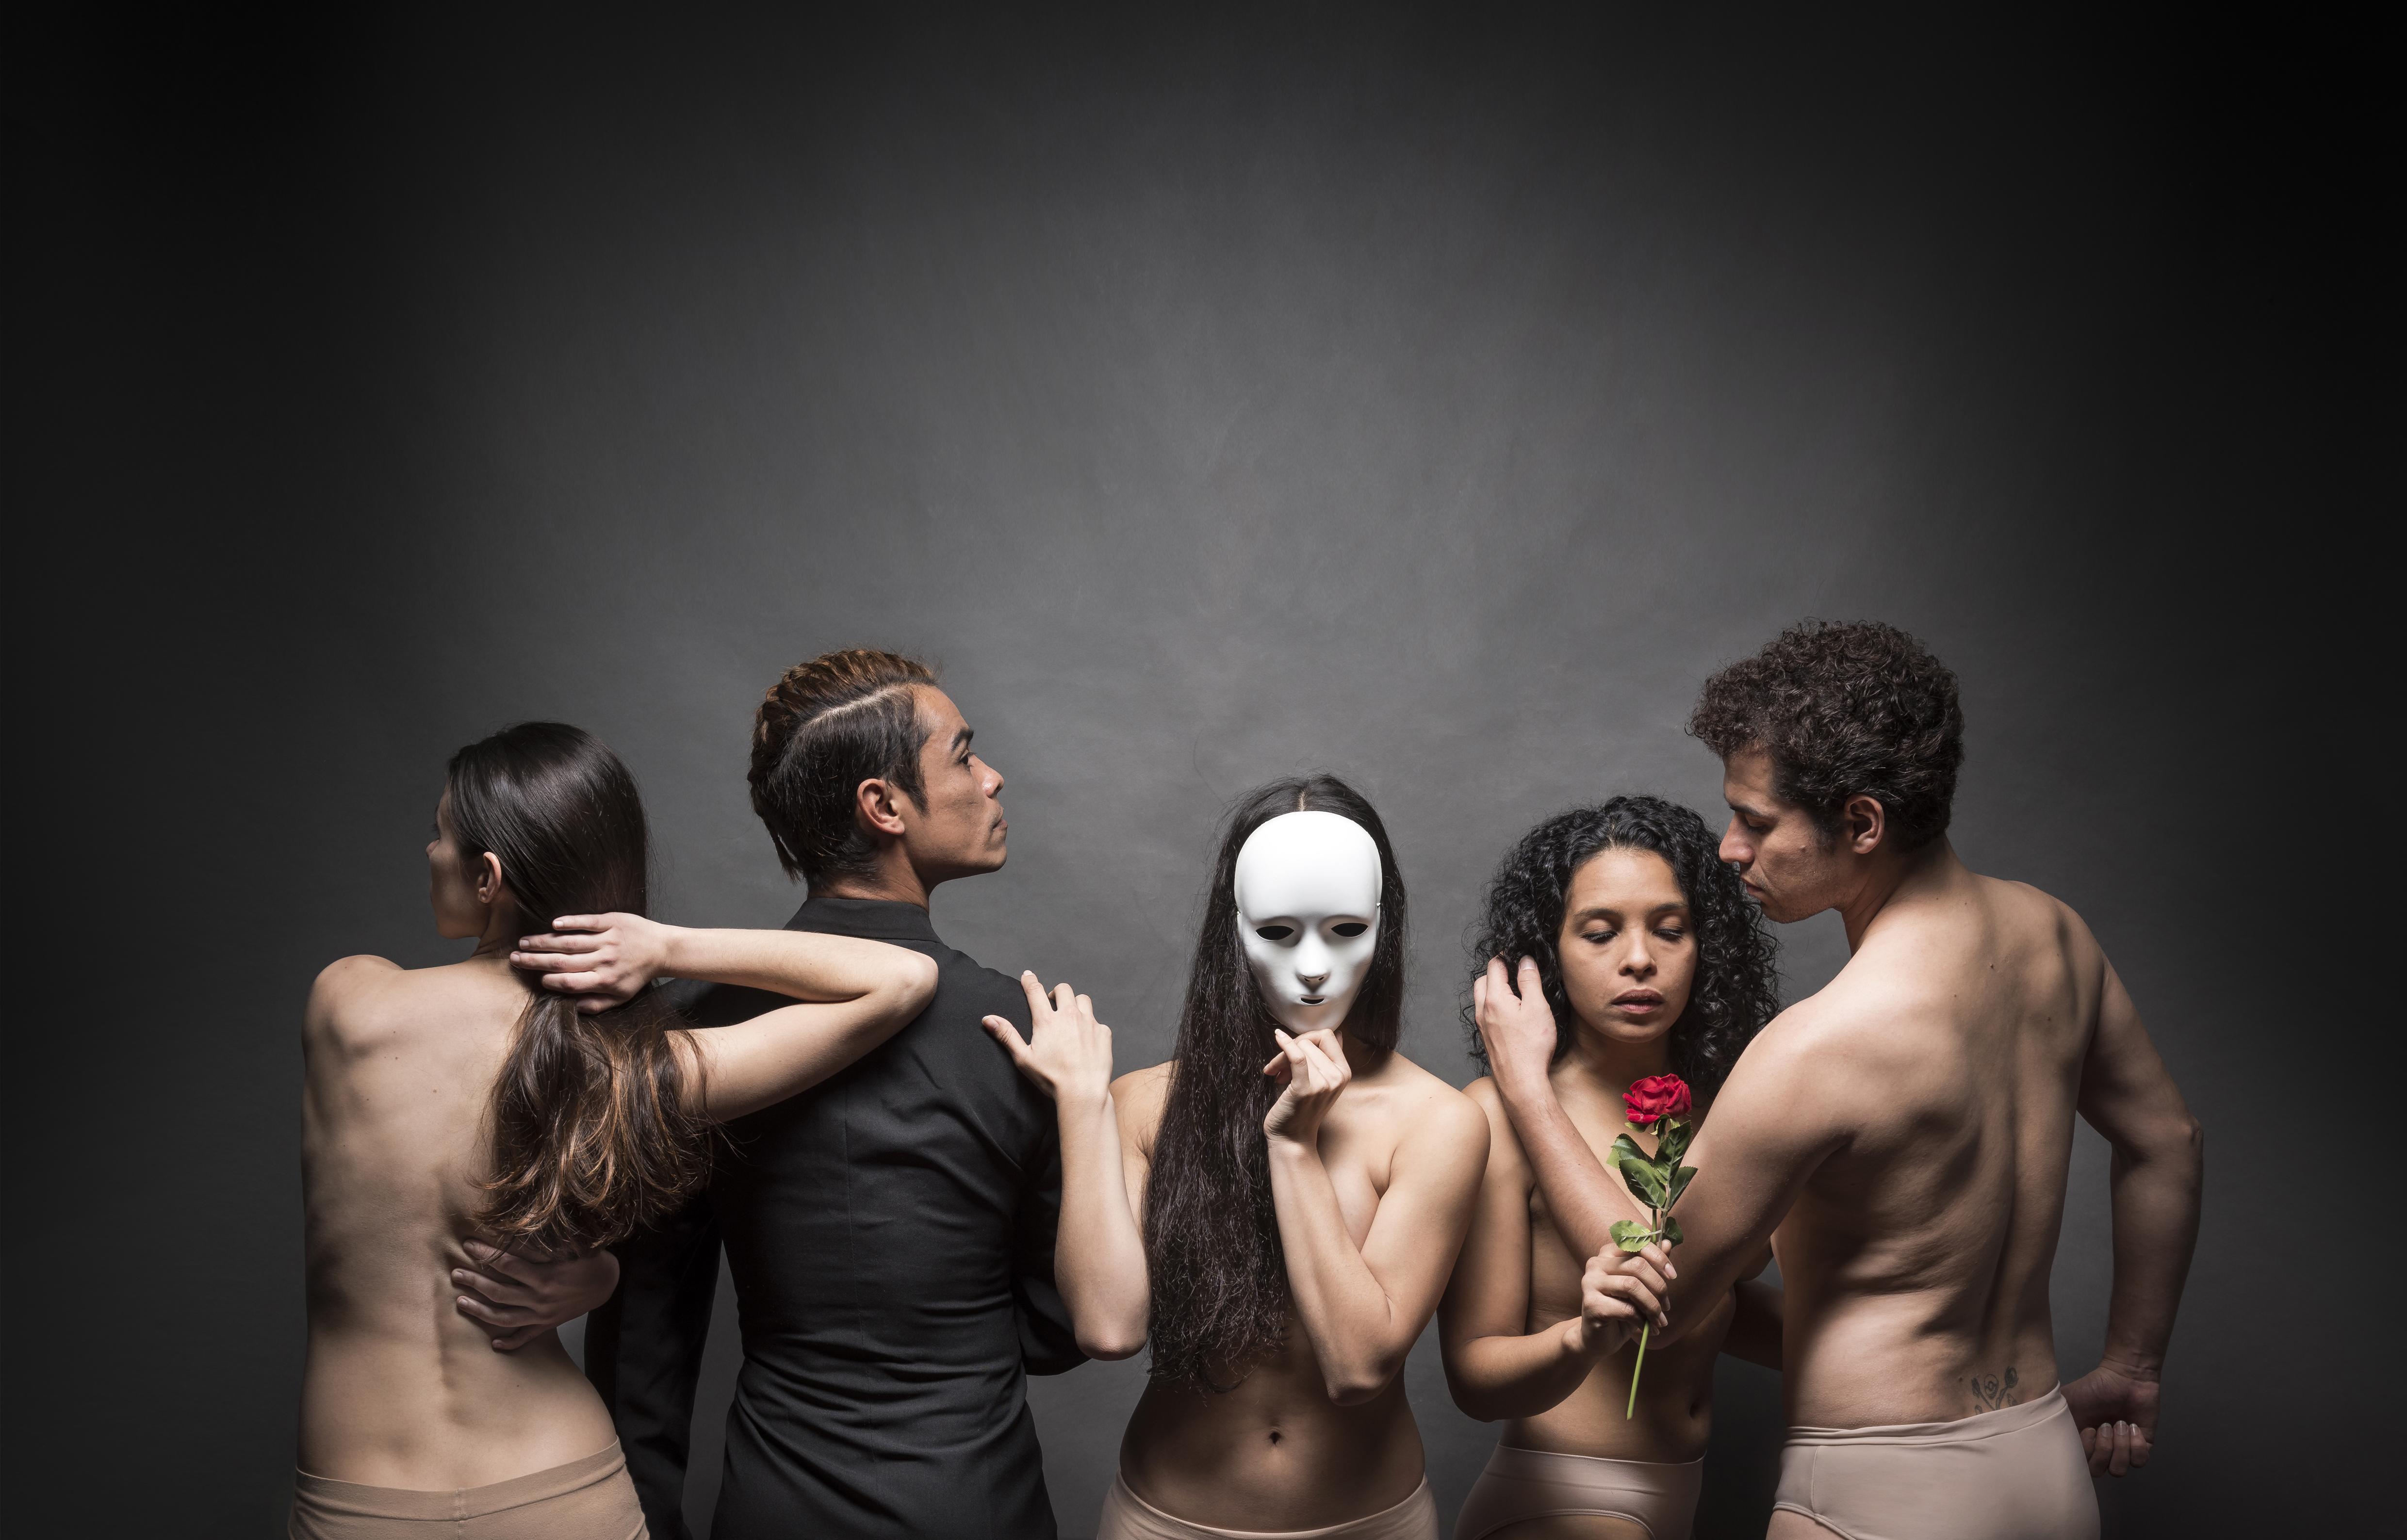 La problemática de la violencia contra la mujer en Danza Contemporánea